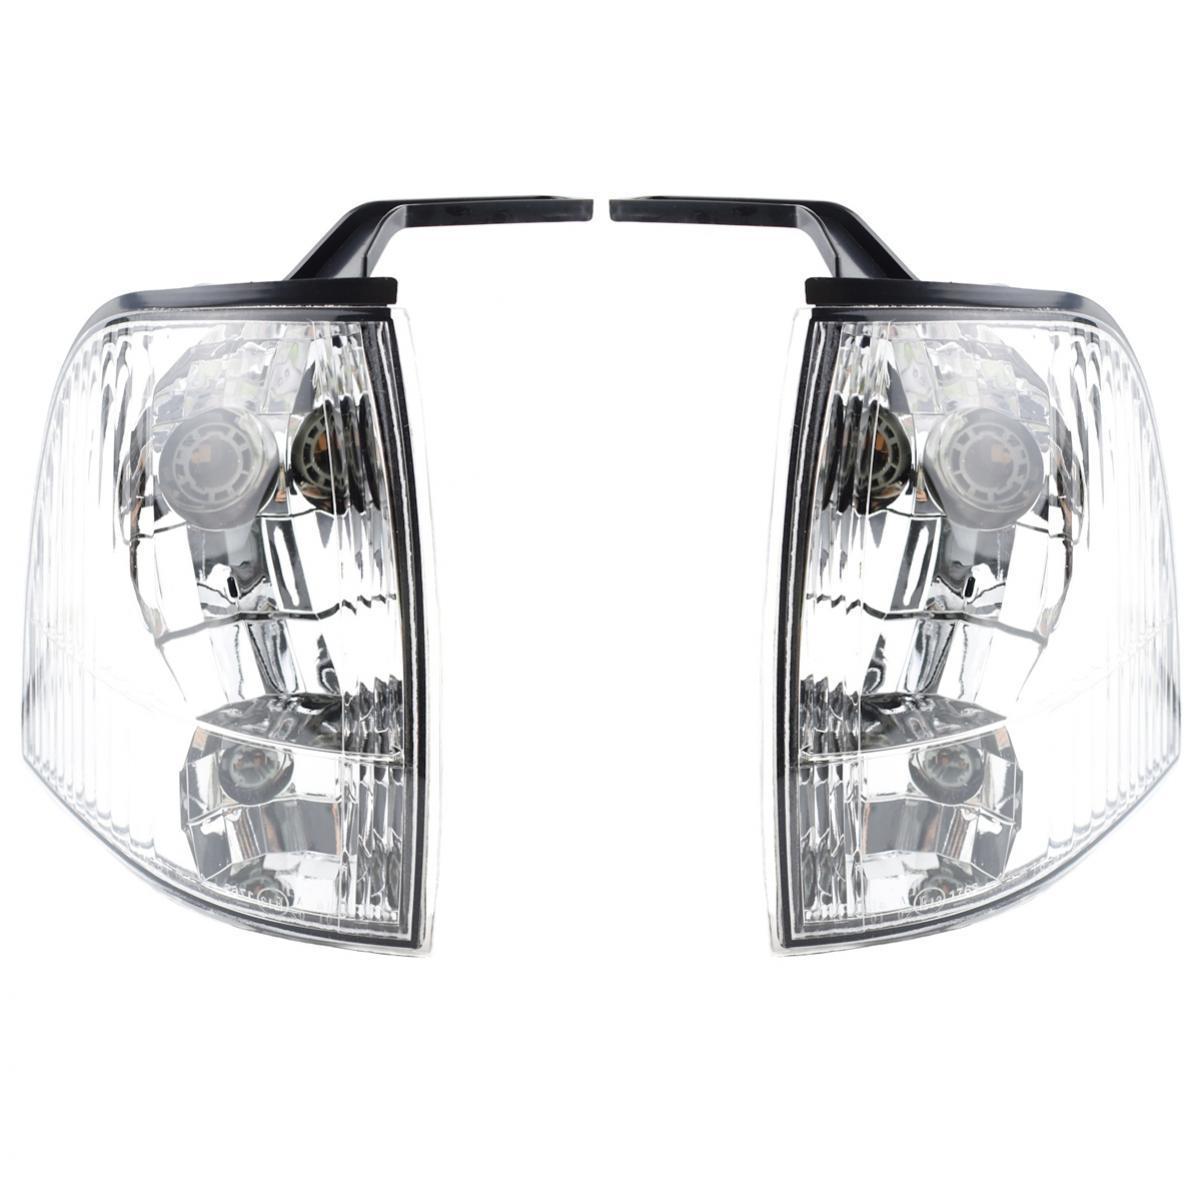 コーナーライト Pair Corner Lights Turn Lamp Fits Ford Ranger Utility Pickup Truck 2002-2005 New ペアコーナーライトターンランプフィットフォードレンジャーユーティリティピックアップトラック2002-2005新しい